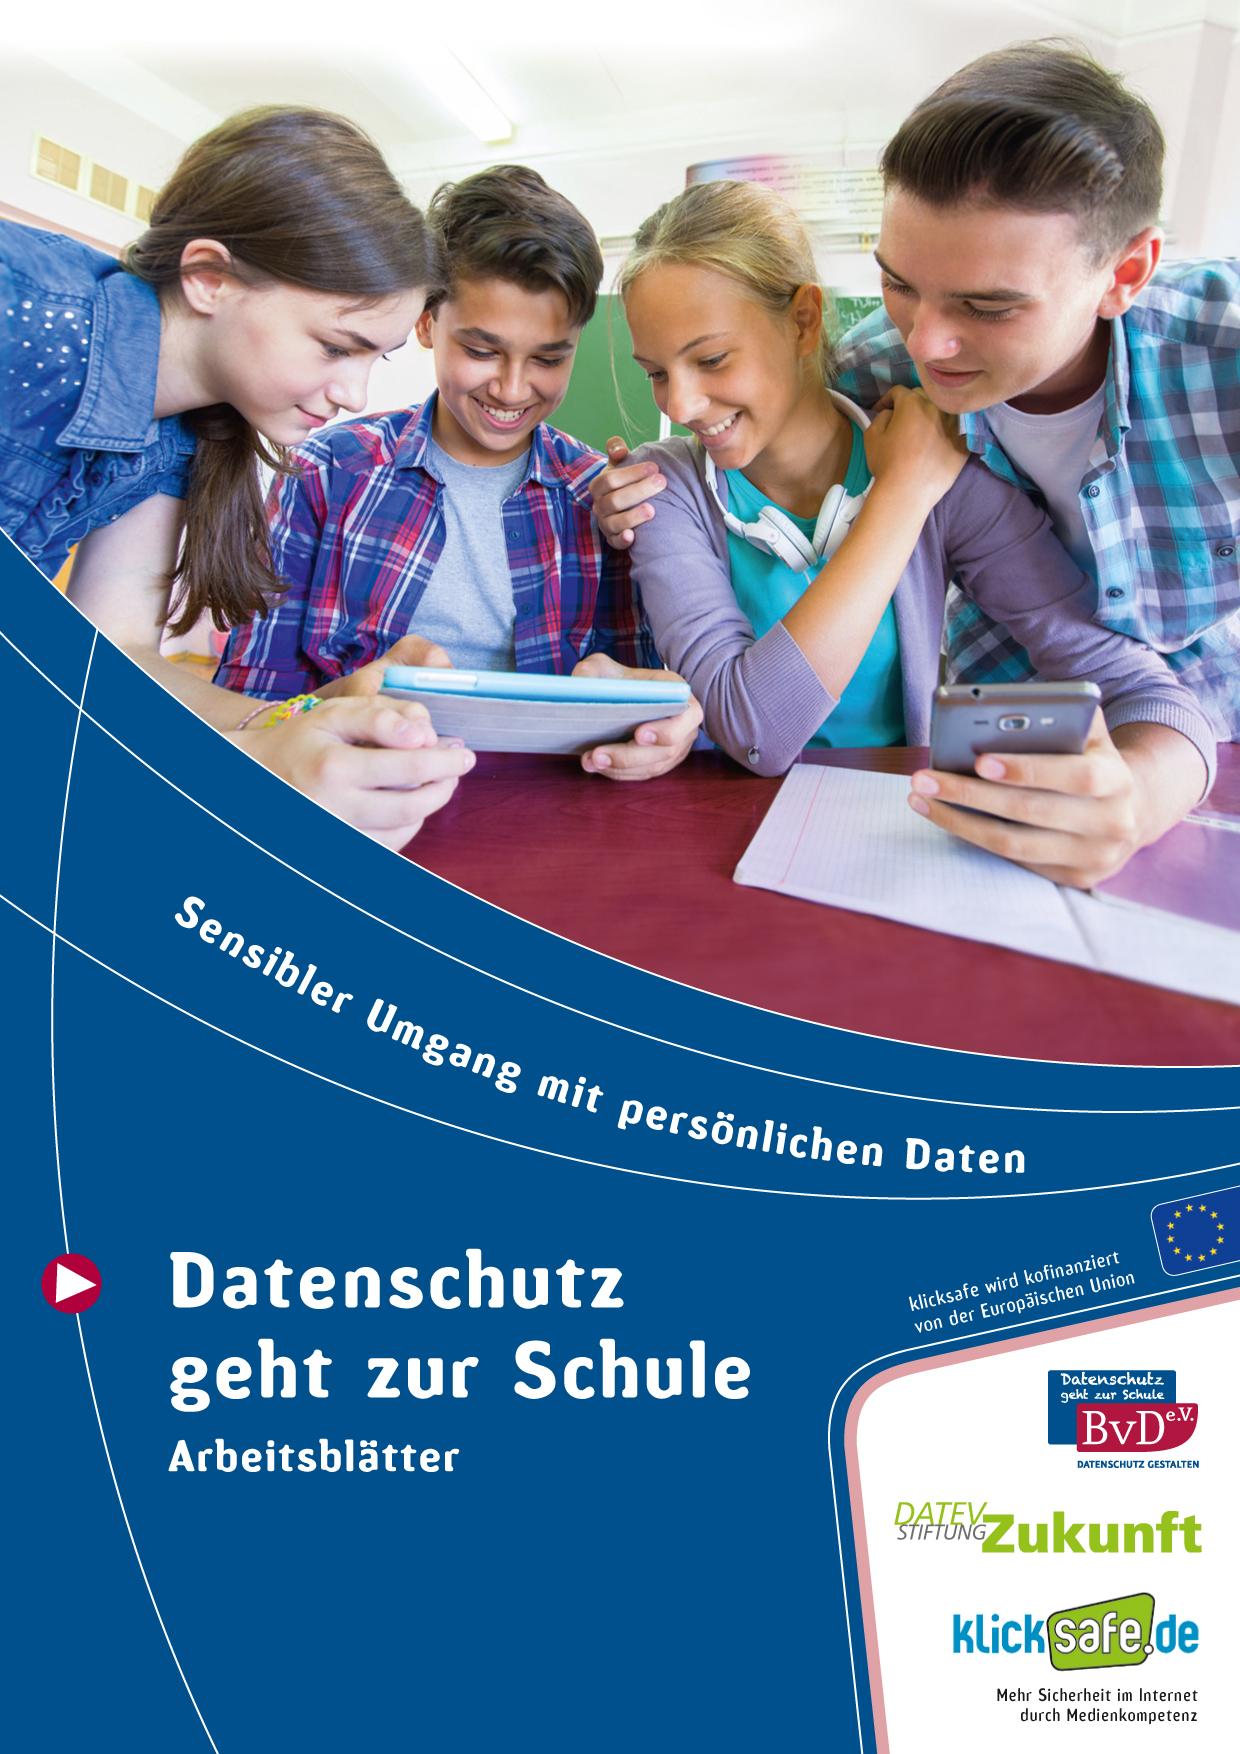 Arbeitsblätter - Datenschutz geht zur Schule